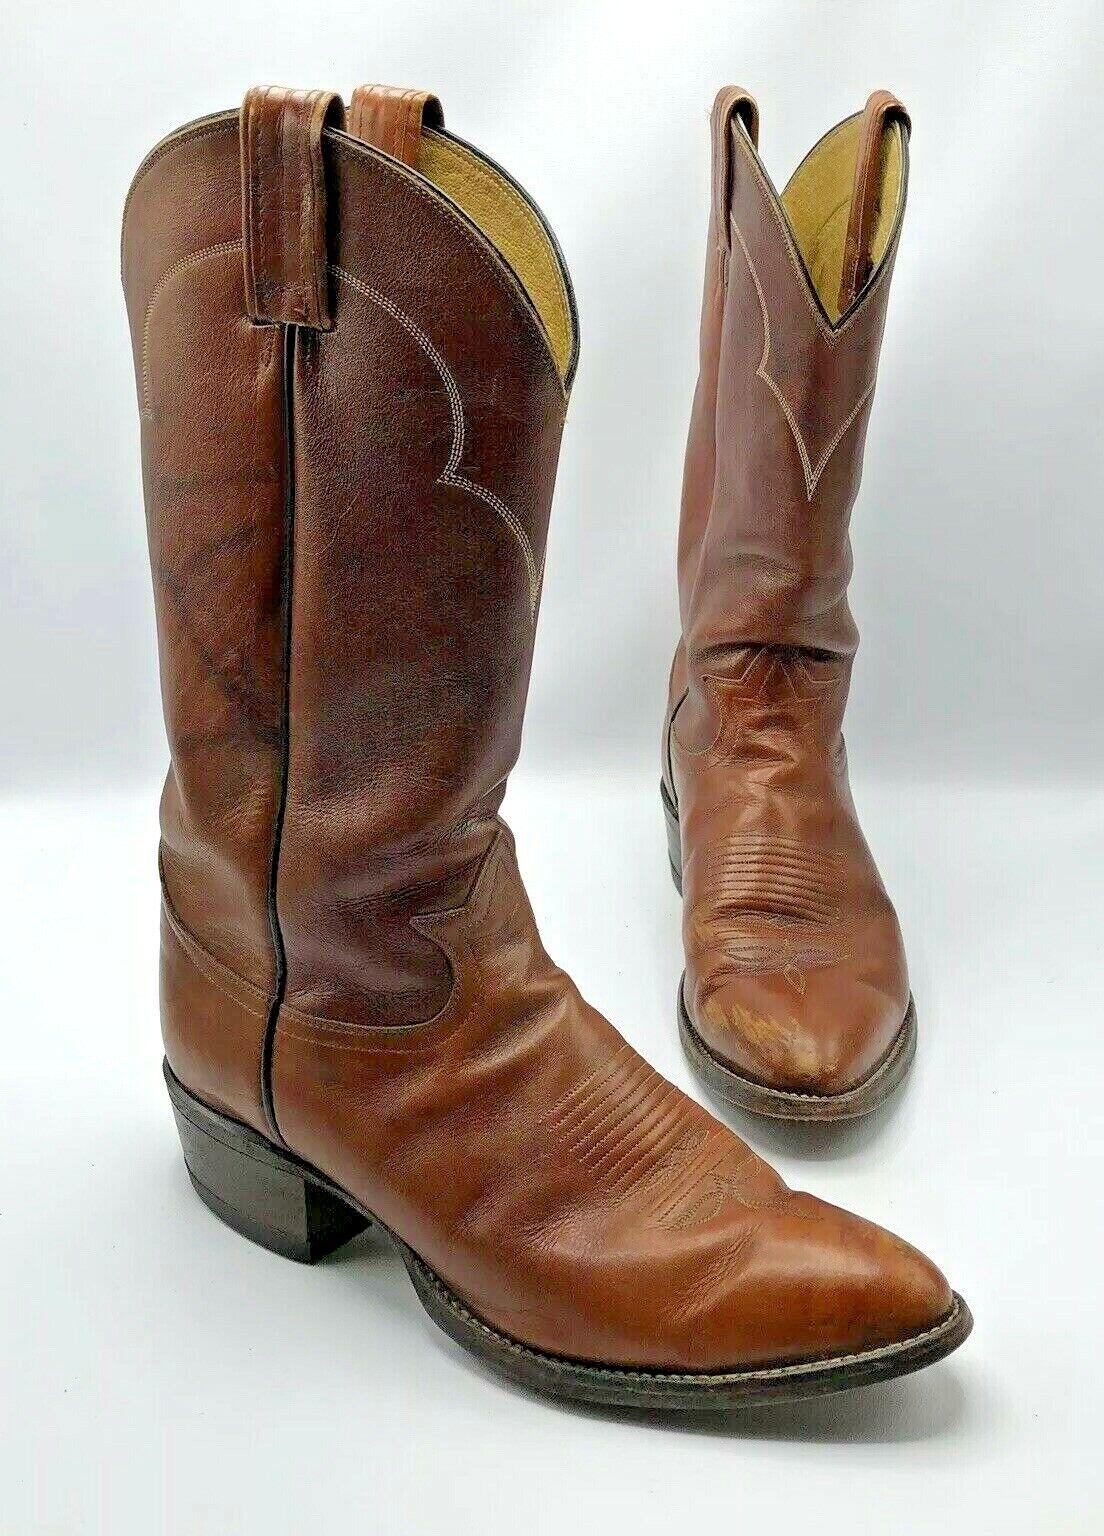 Tony Lama 5084 hombres botas de vaquero occidental de cuero marrón de mármol Zapato D